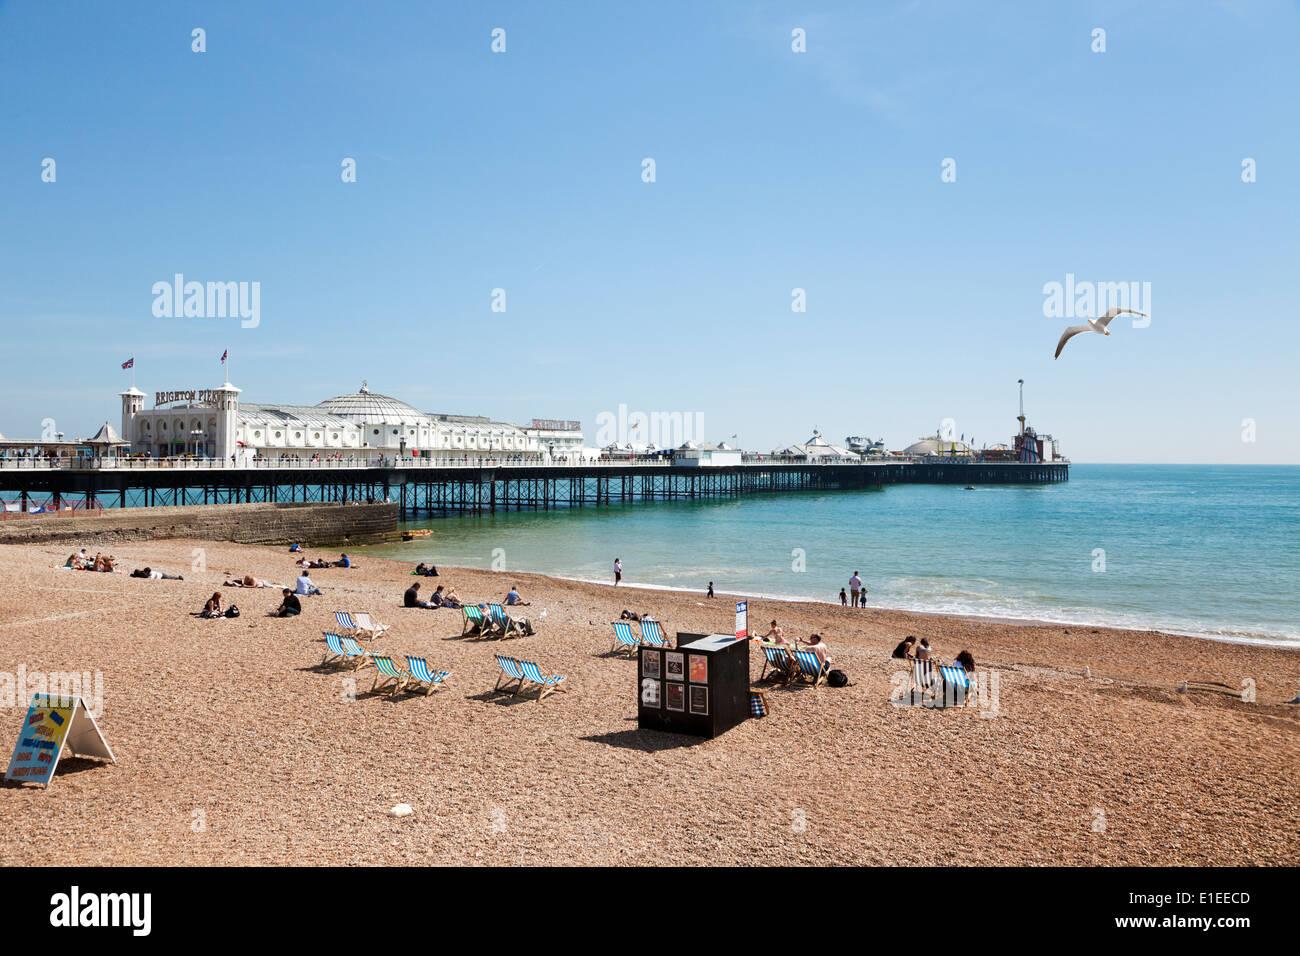 Menschen entspannen am Strand neben dem Pier von Brighton, East Sussex, UK Stockfoto